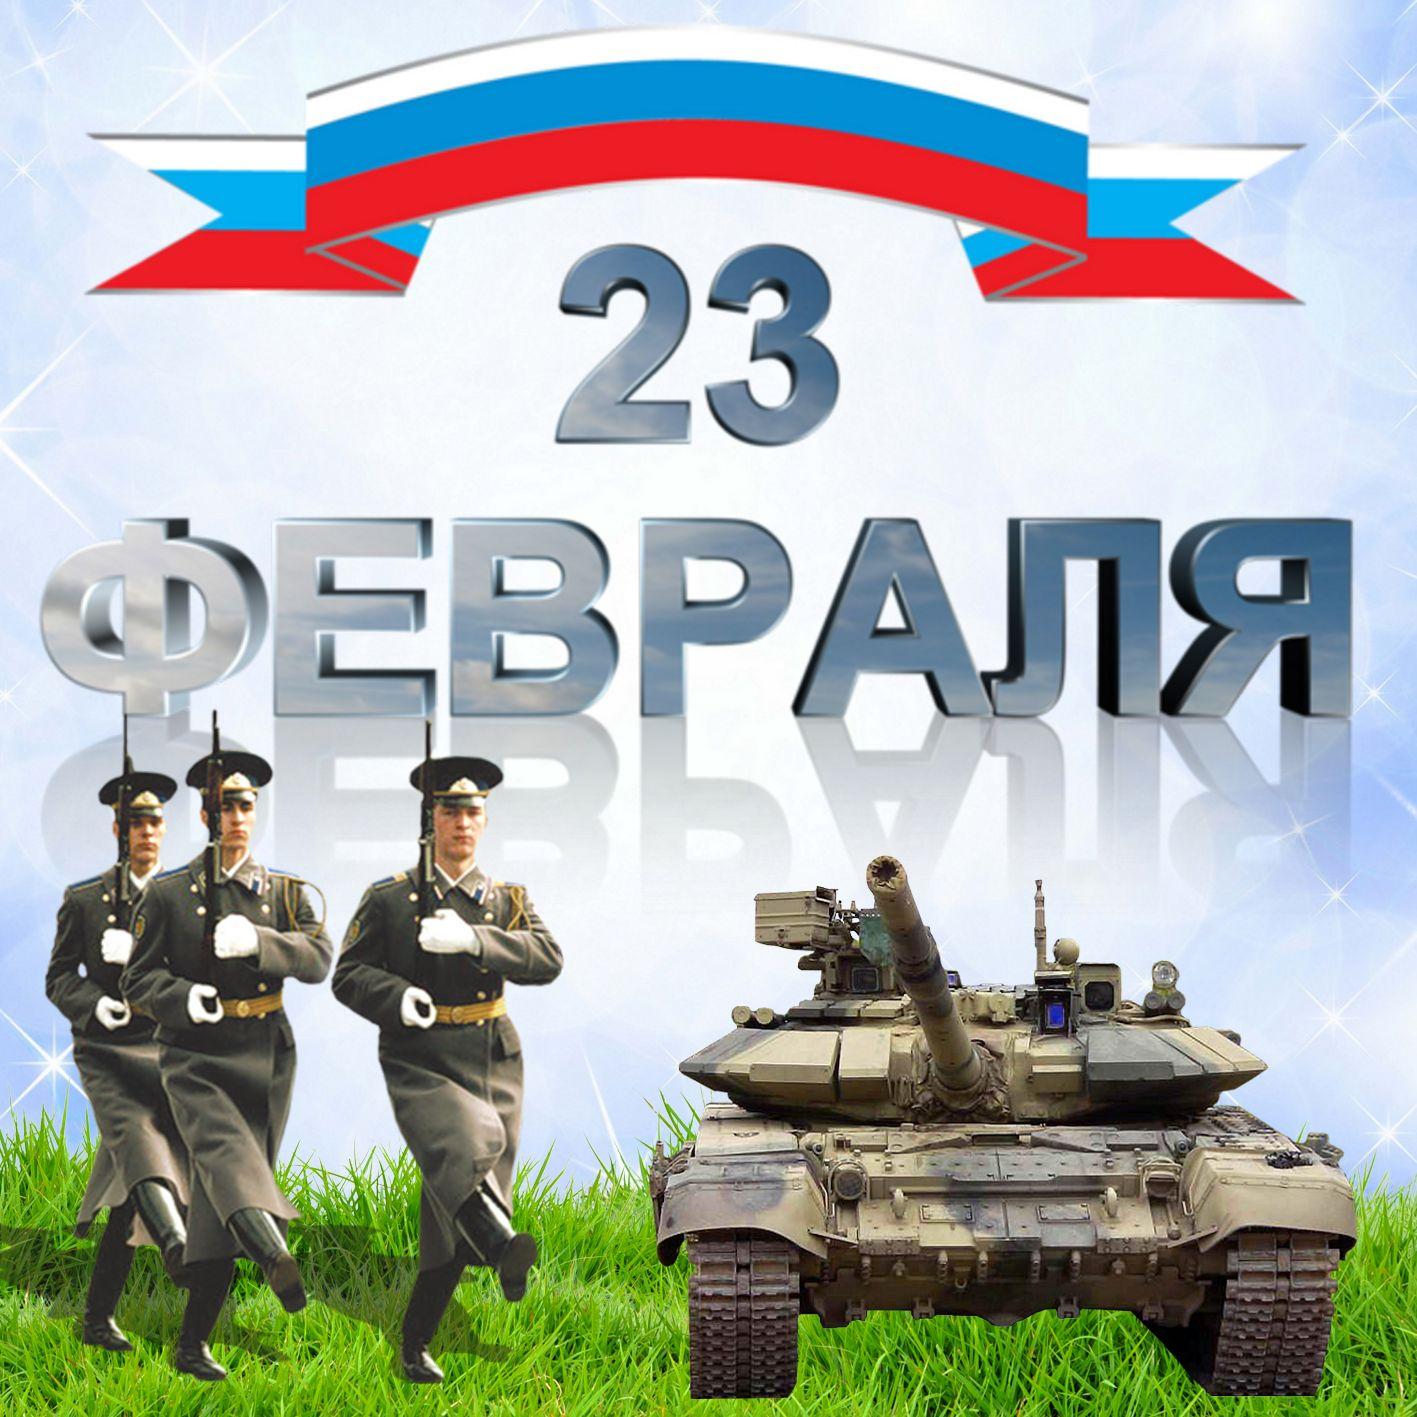 Открытка с 23 февраля - солдаты возле танка в красивом оформлении